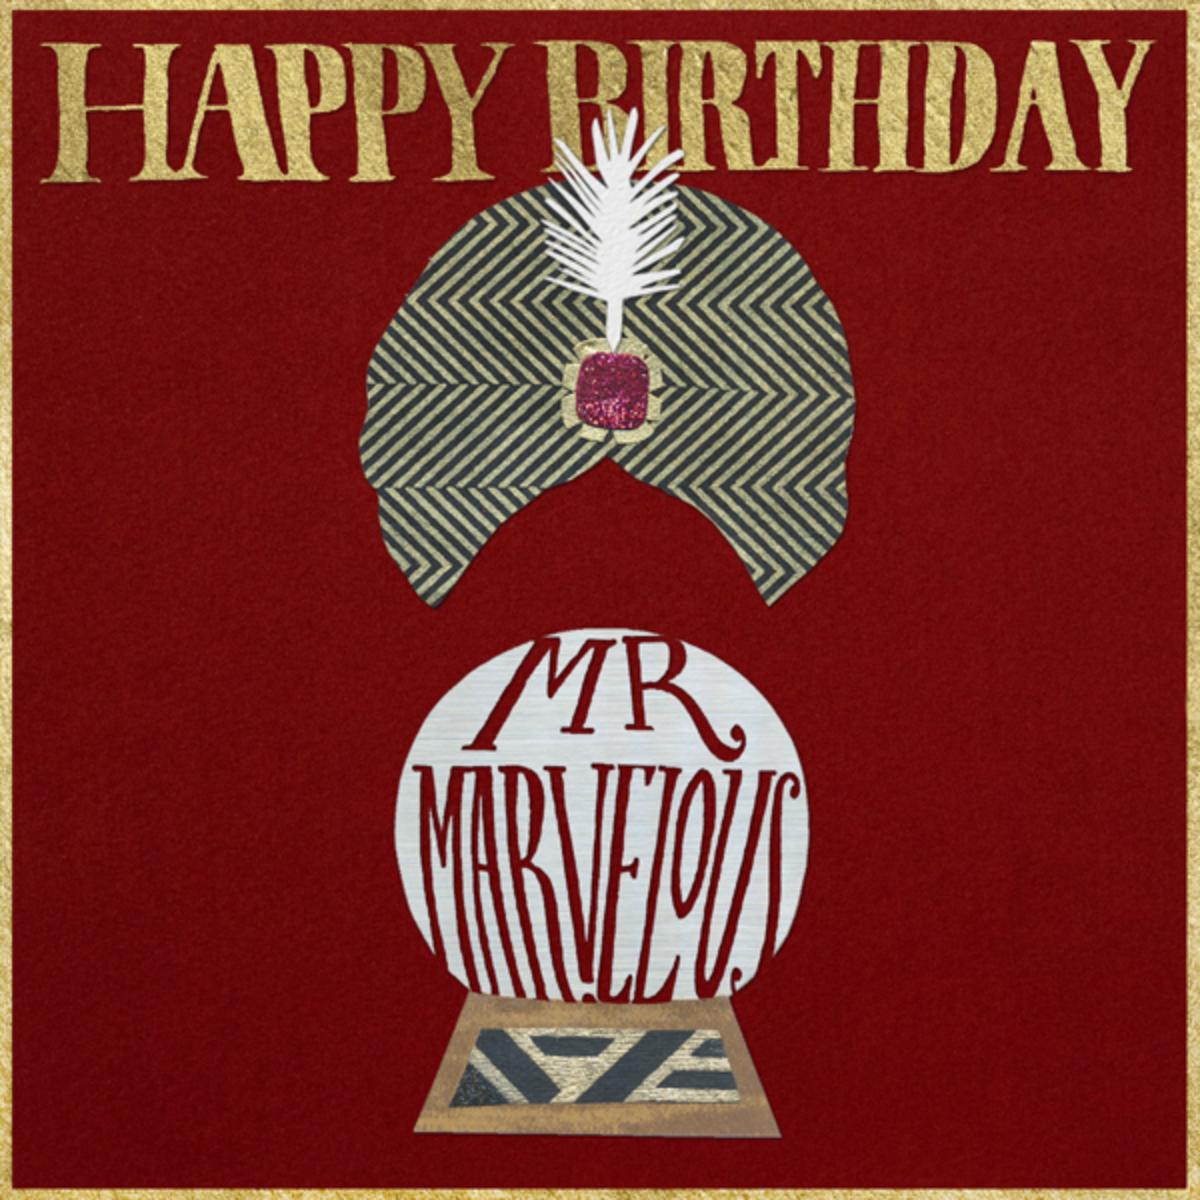 Happy Birthday Mr. Marvelous - Paperless Post